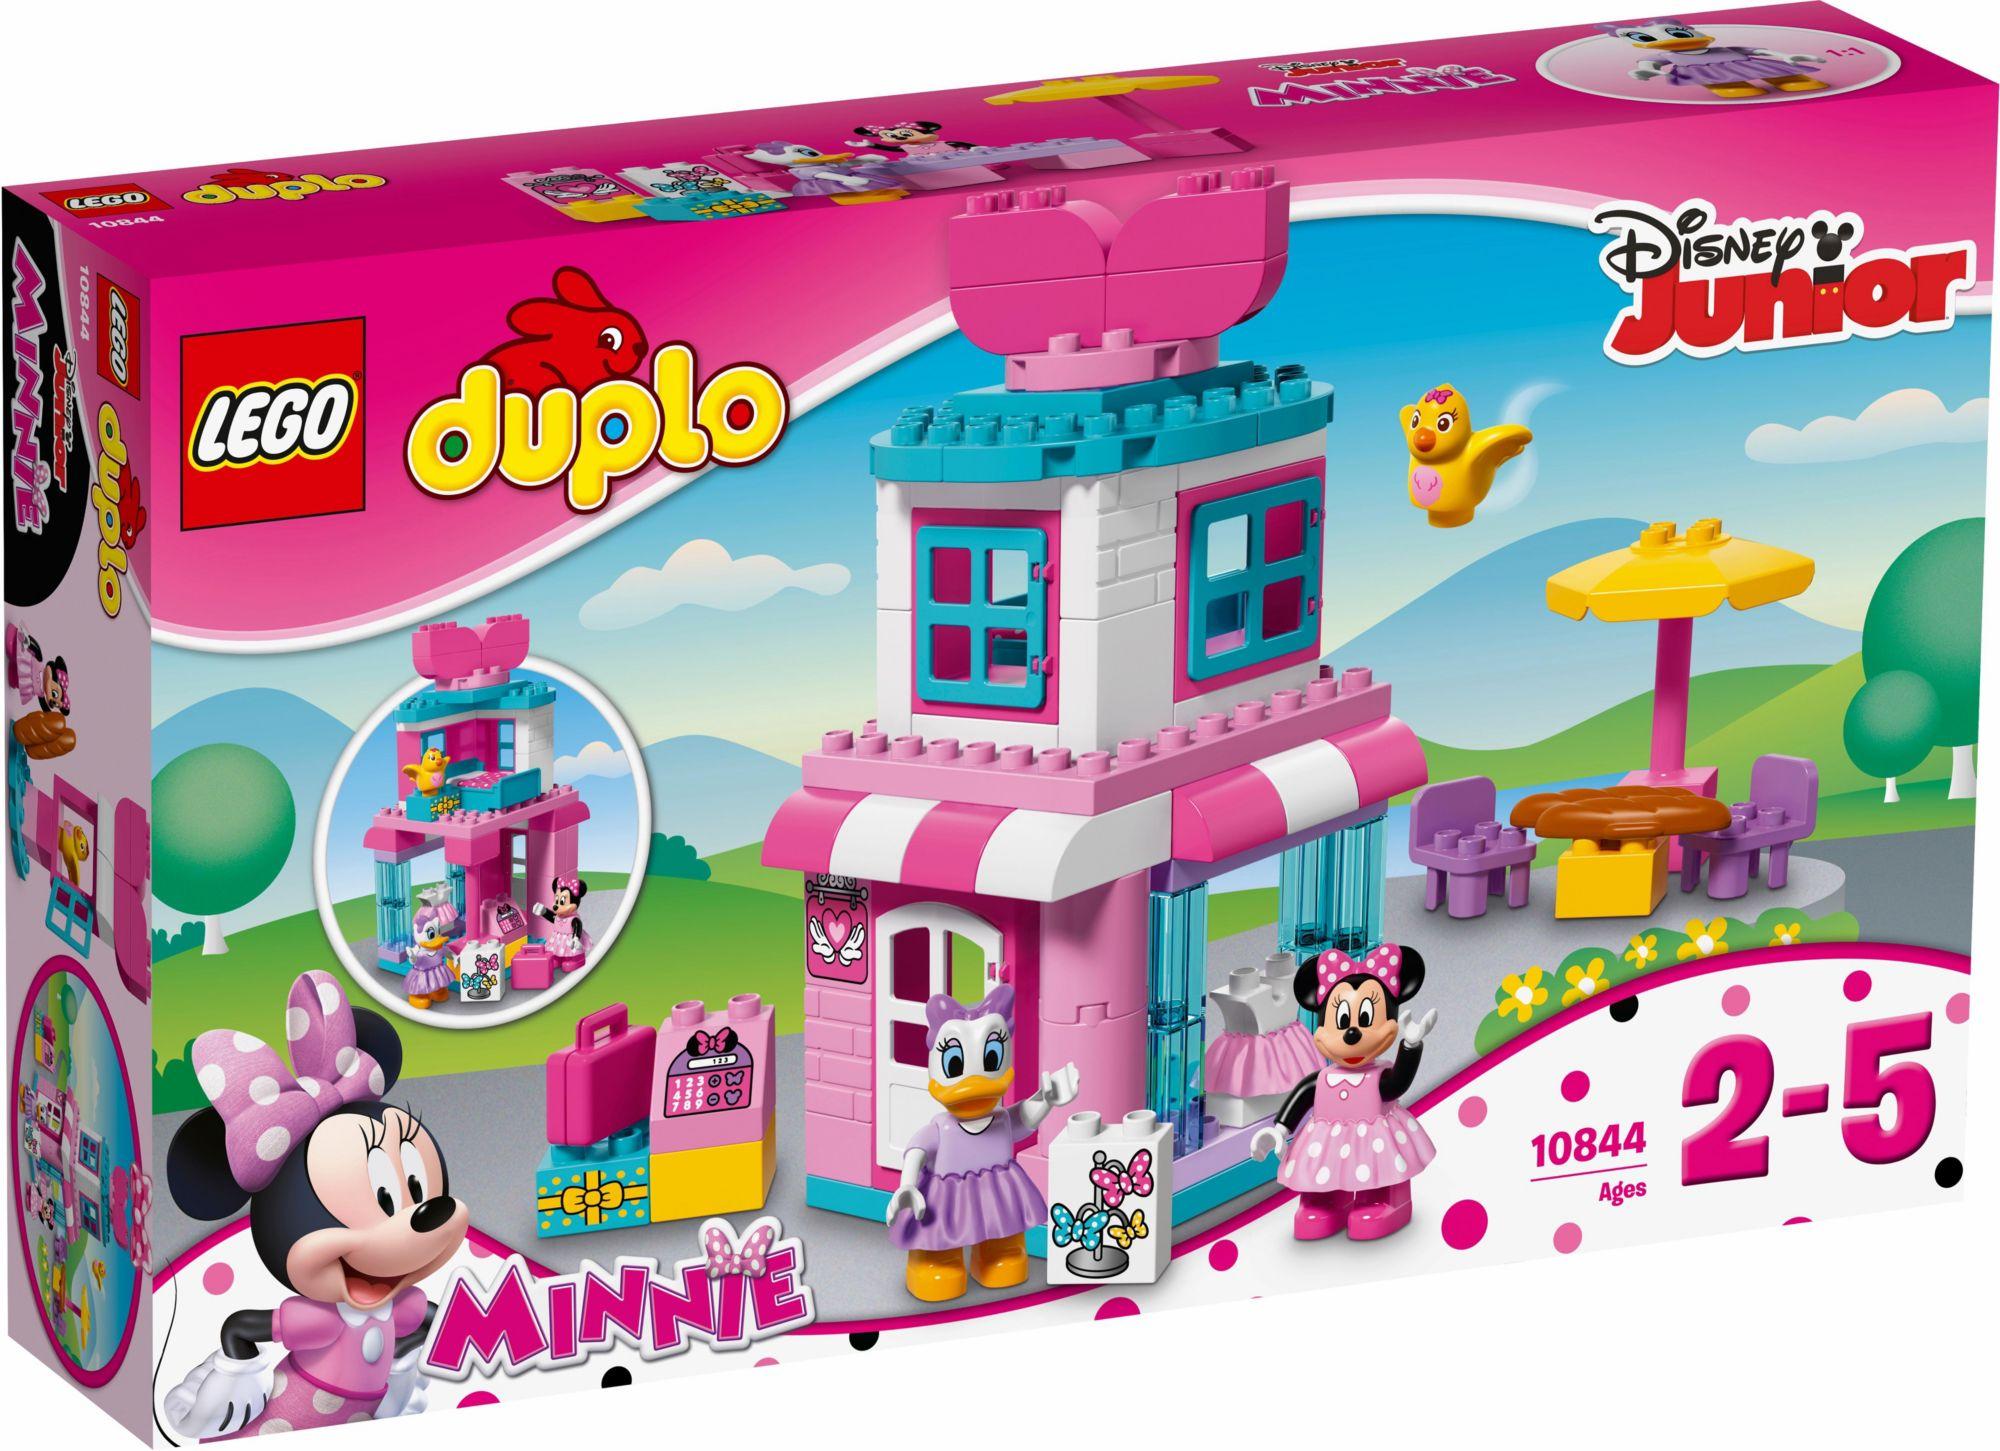 LEGO® 10844 DUPLO Minnies Boutique, Konstruktionsspielzeug